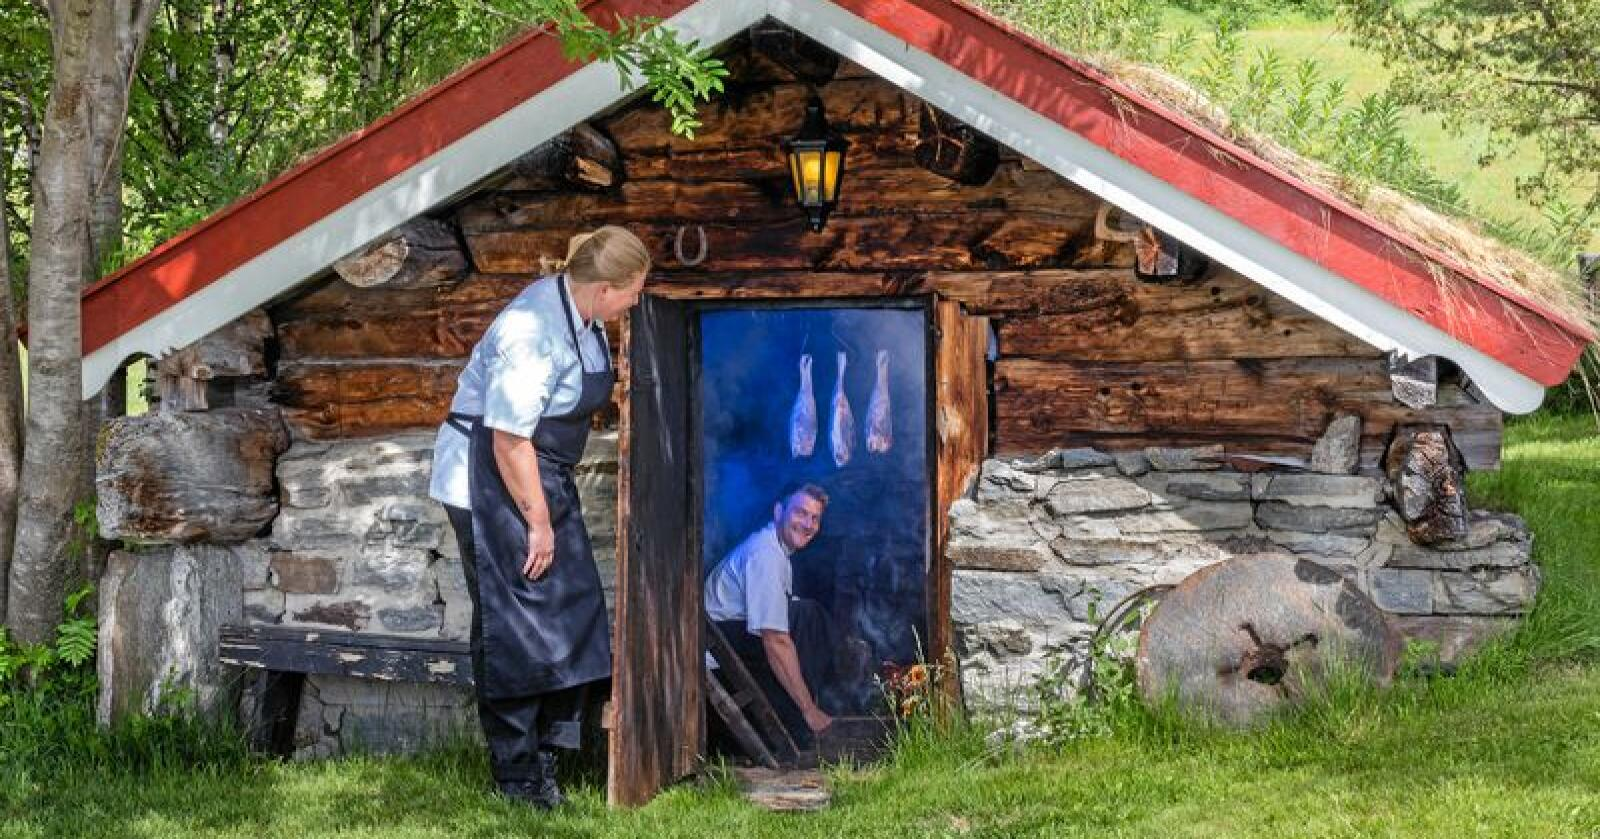 Fra 1850: Kokkene Lene Berg og Lars Ivar Sesaker på Bortistu Gjestegard sjekker at alt er som det skal inne i det særegne bygget på tunet. Foto: Sven-Erik Knoff / Fotoknoff / Matmerk